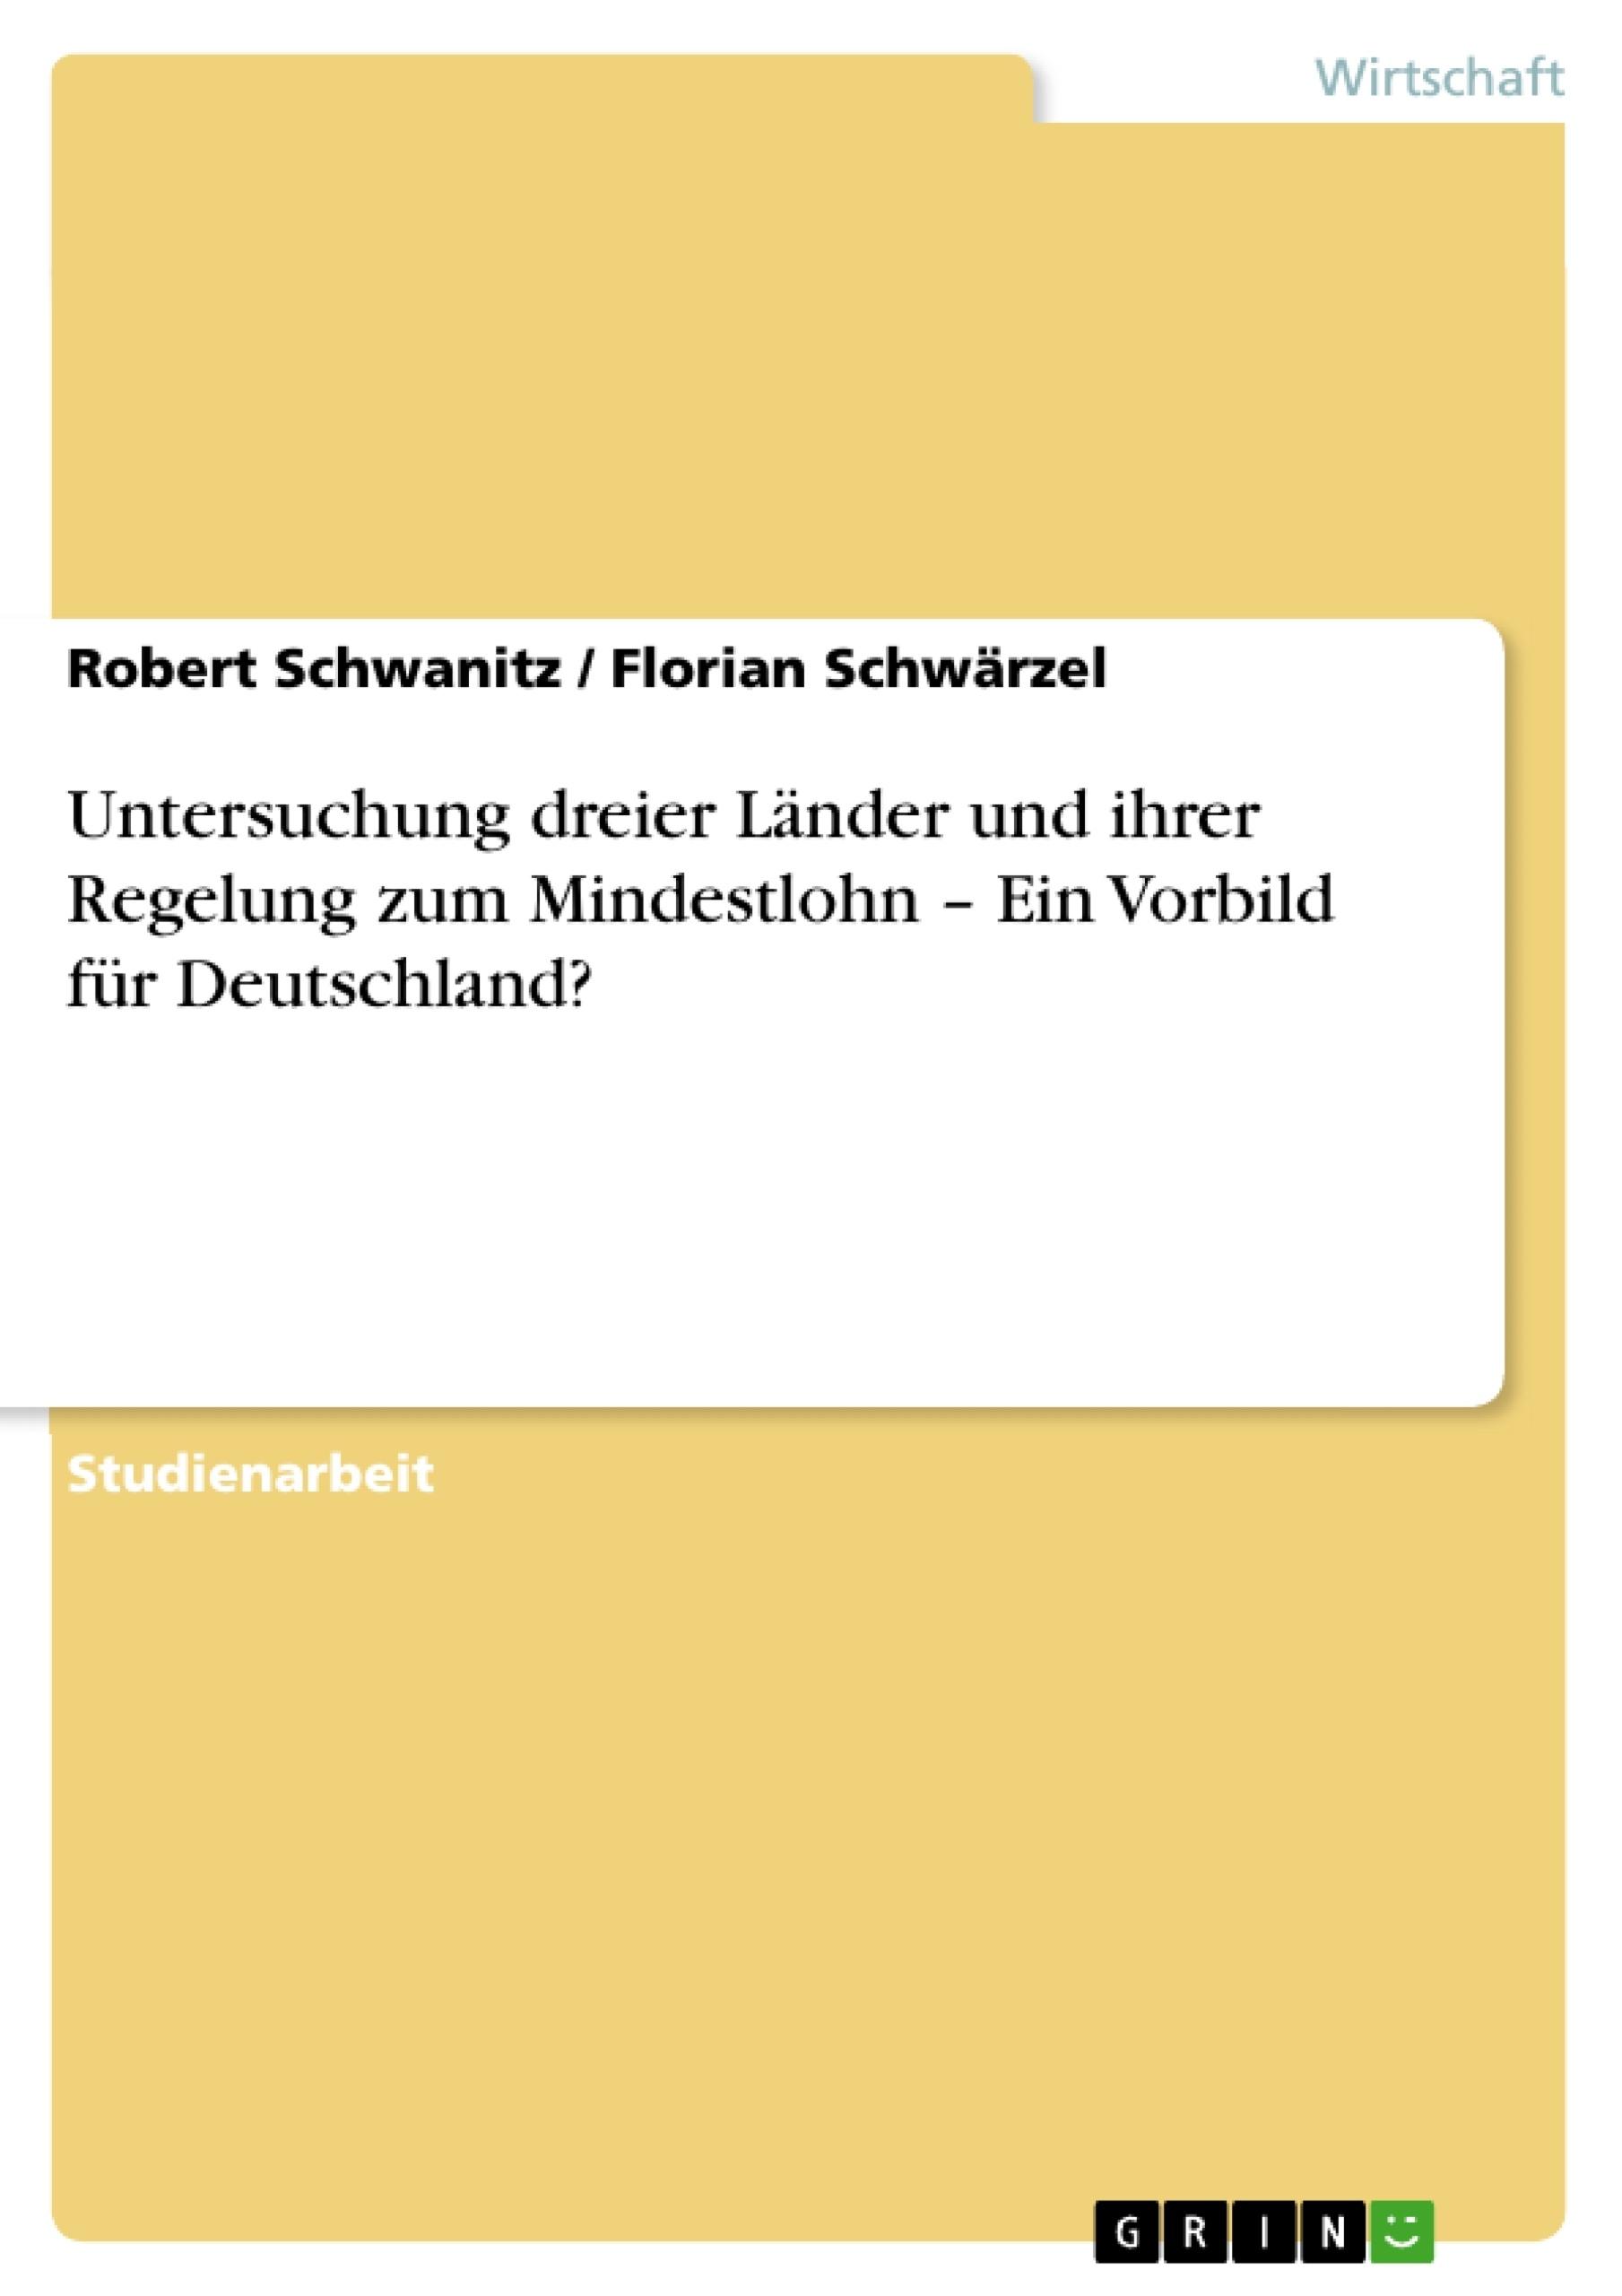 Titel: Untersuchung dreier Länder und ihrer Regelung zum Mindestlohn – Ein Vorbild für Deutschland?